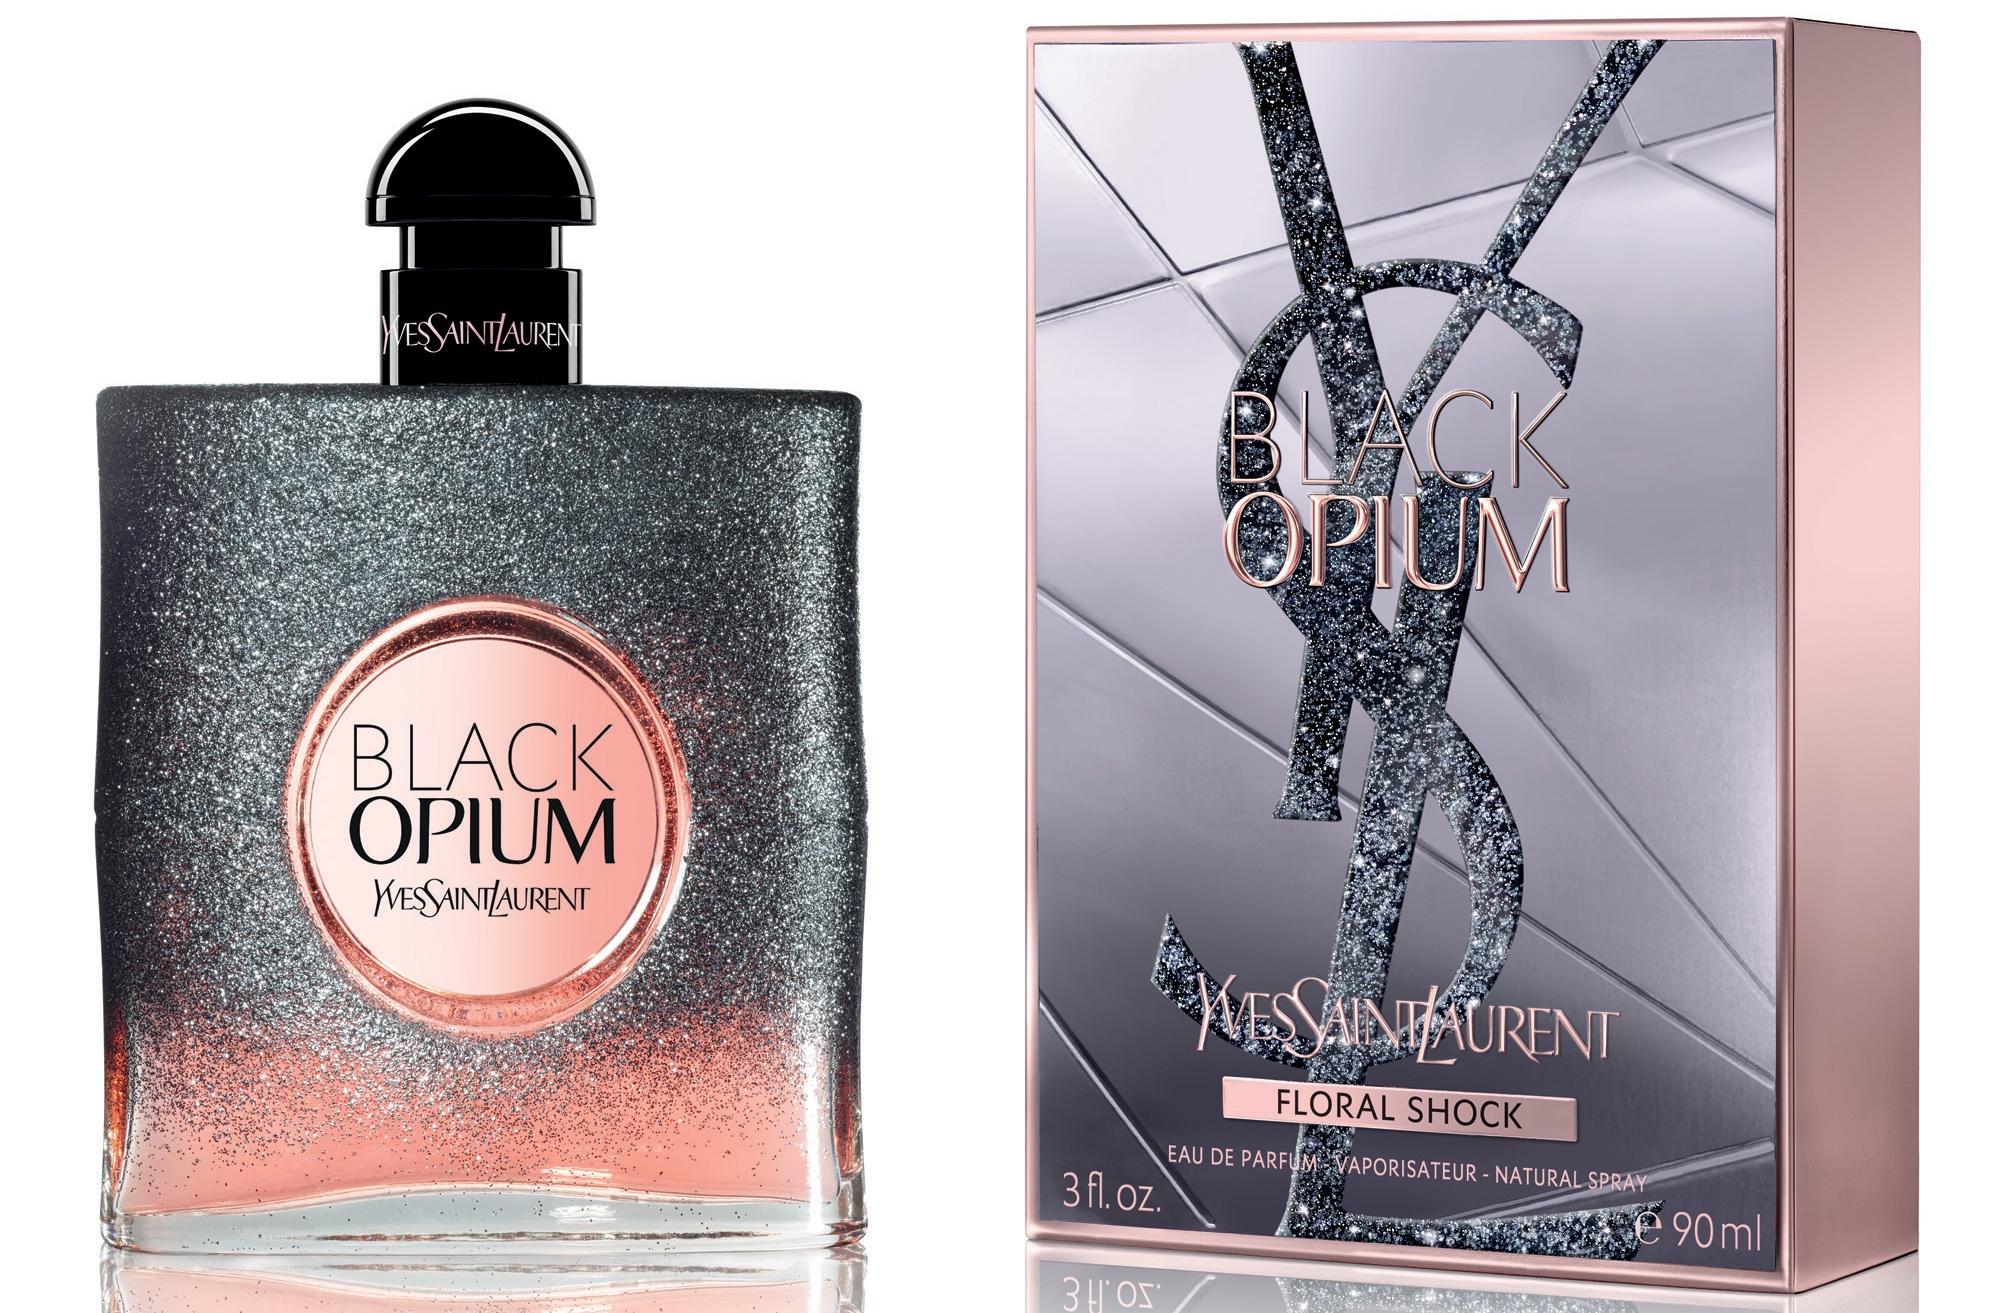 Парфюмерная вода Black Opium Floral Shock, Yves Saint Laurent